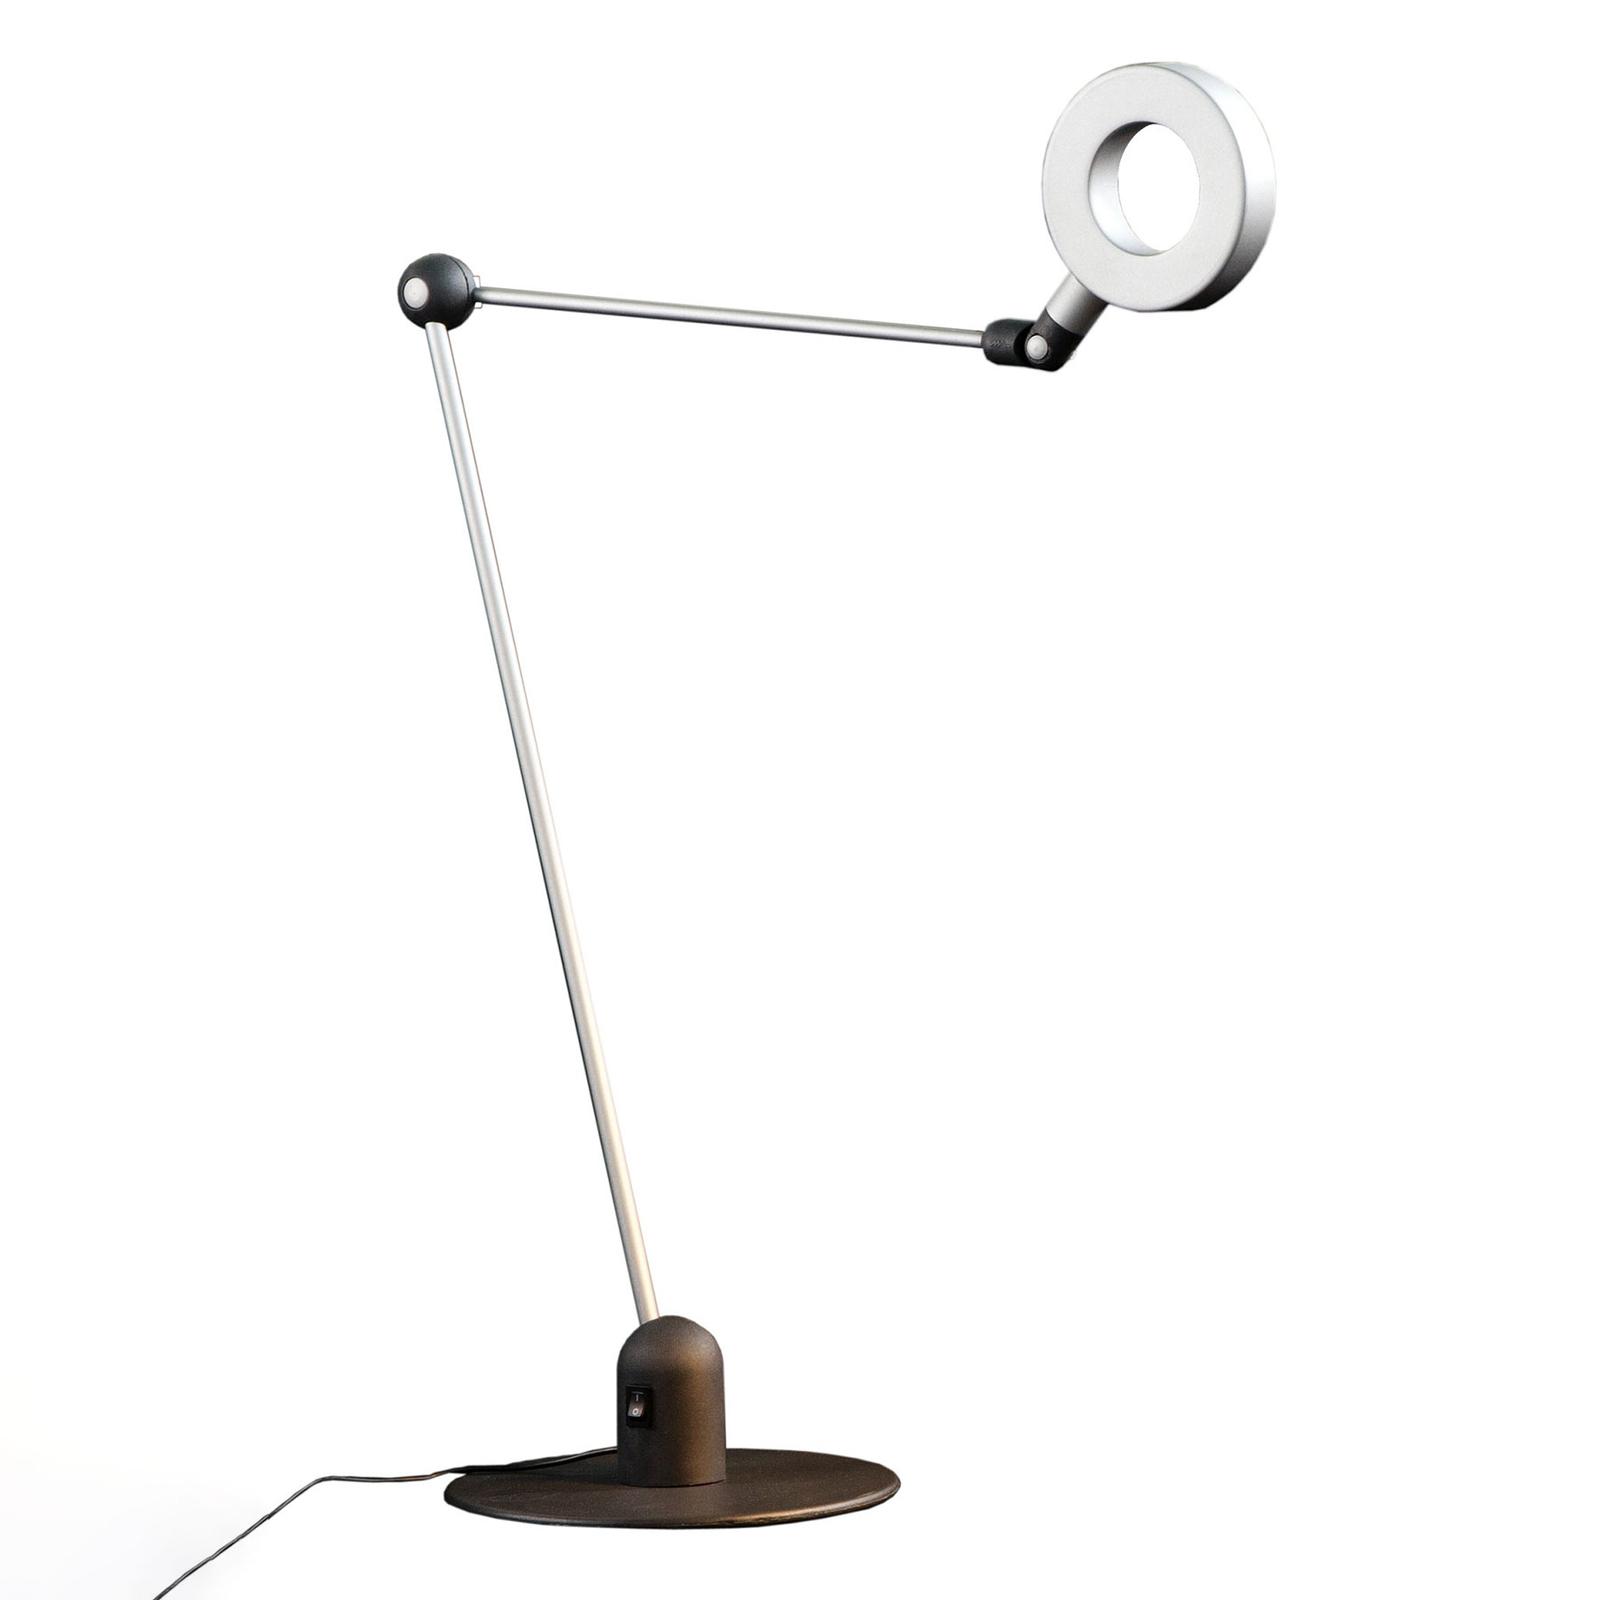 Martinelli Luce L'amica LED-Tischleuchte, grau